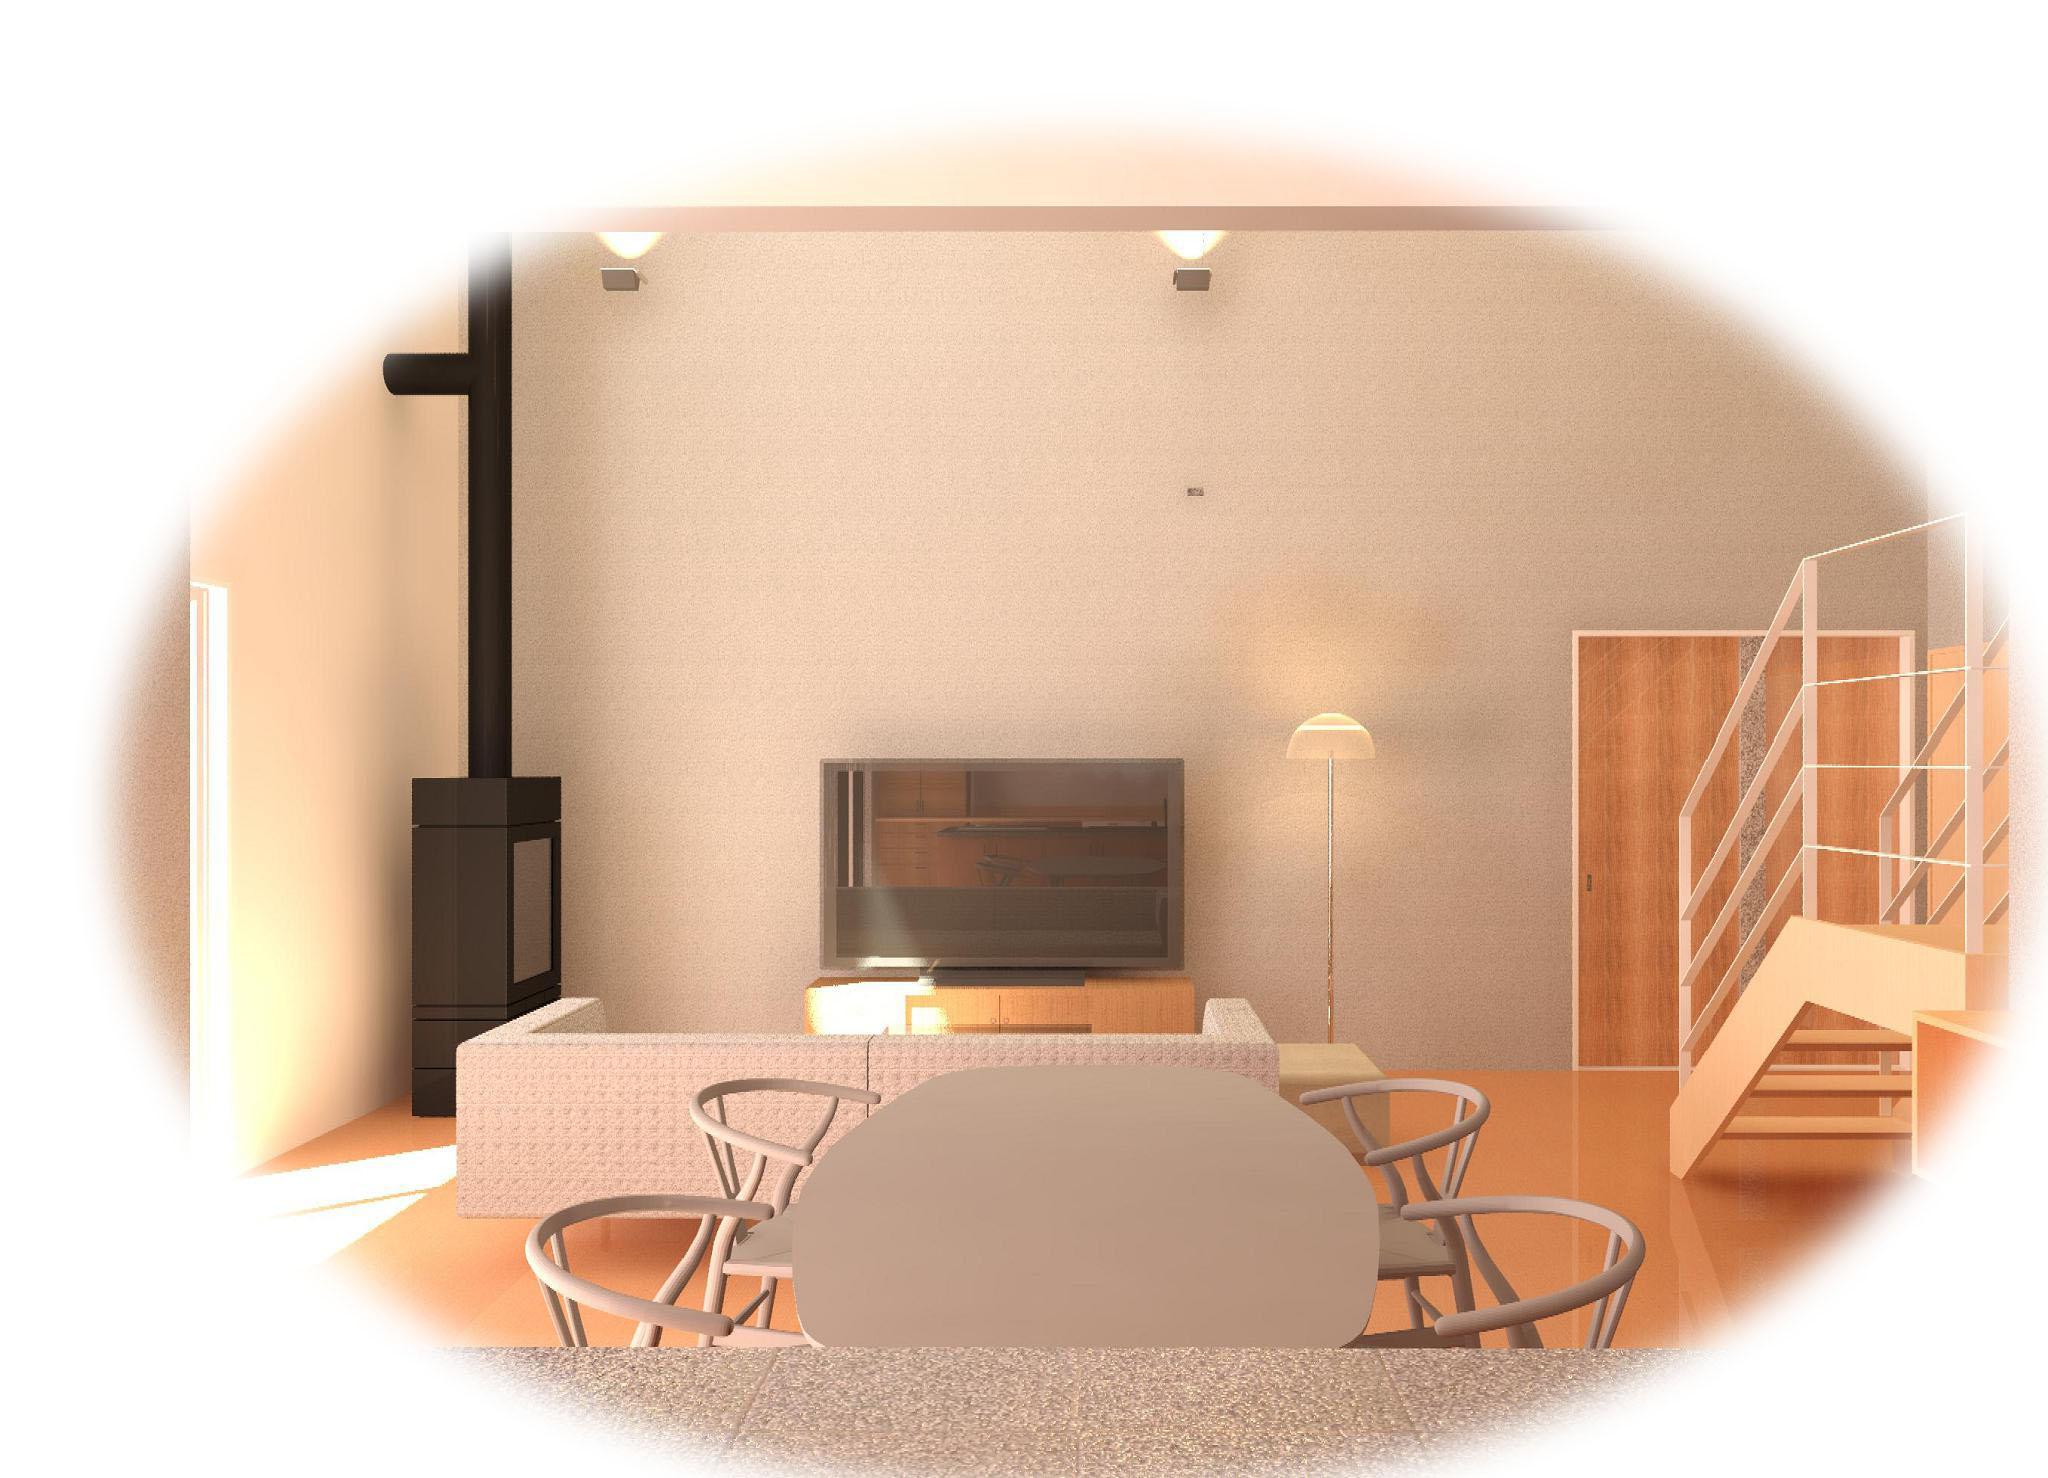 建築物エネルギー性能の基礎知識.jpg(キャプション:建築物エネルギー性能の基礎知識